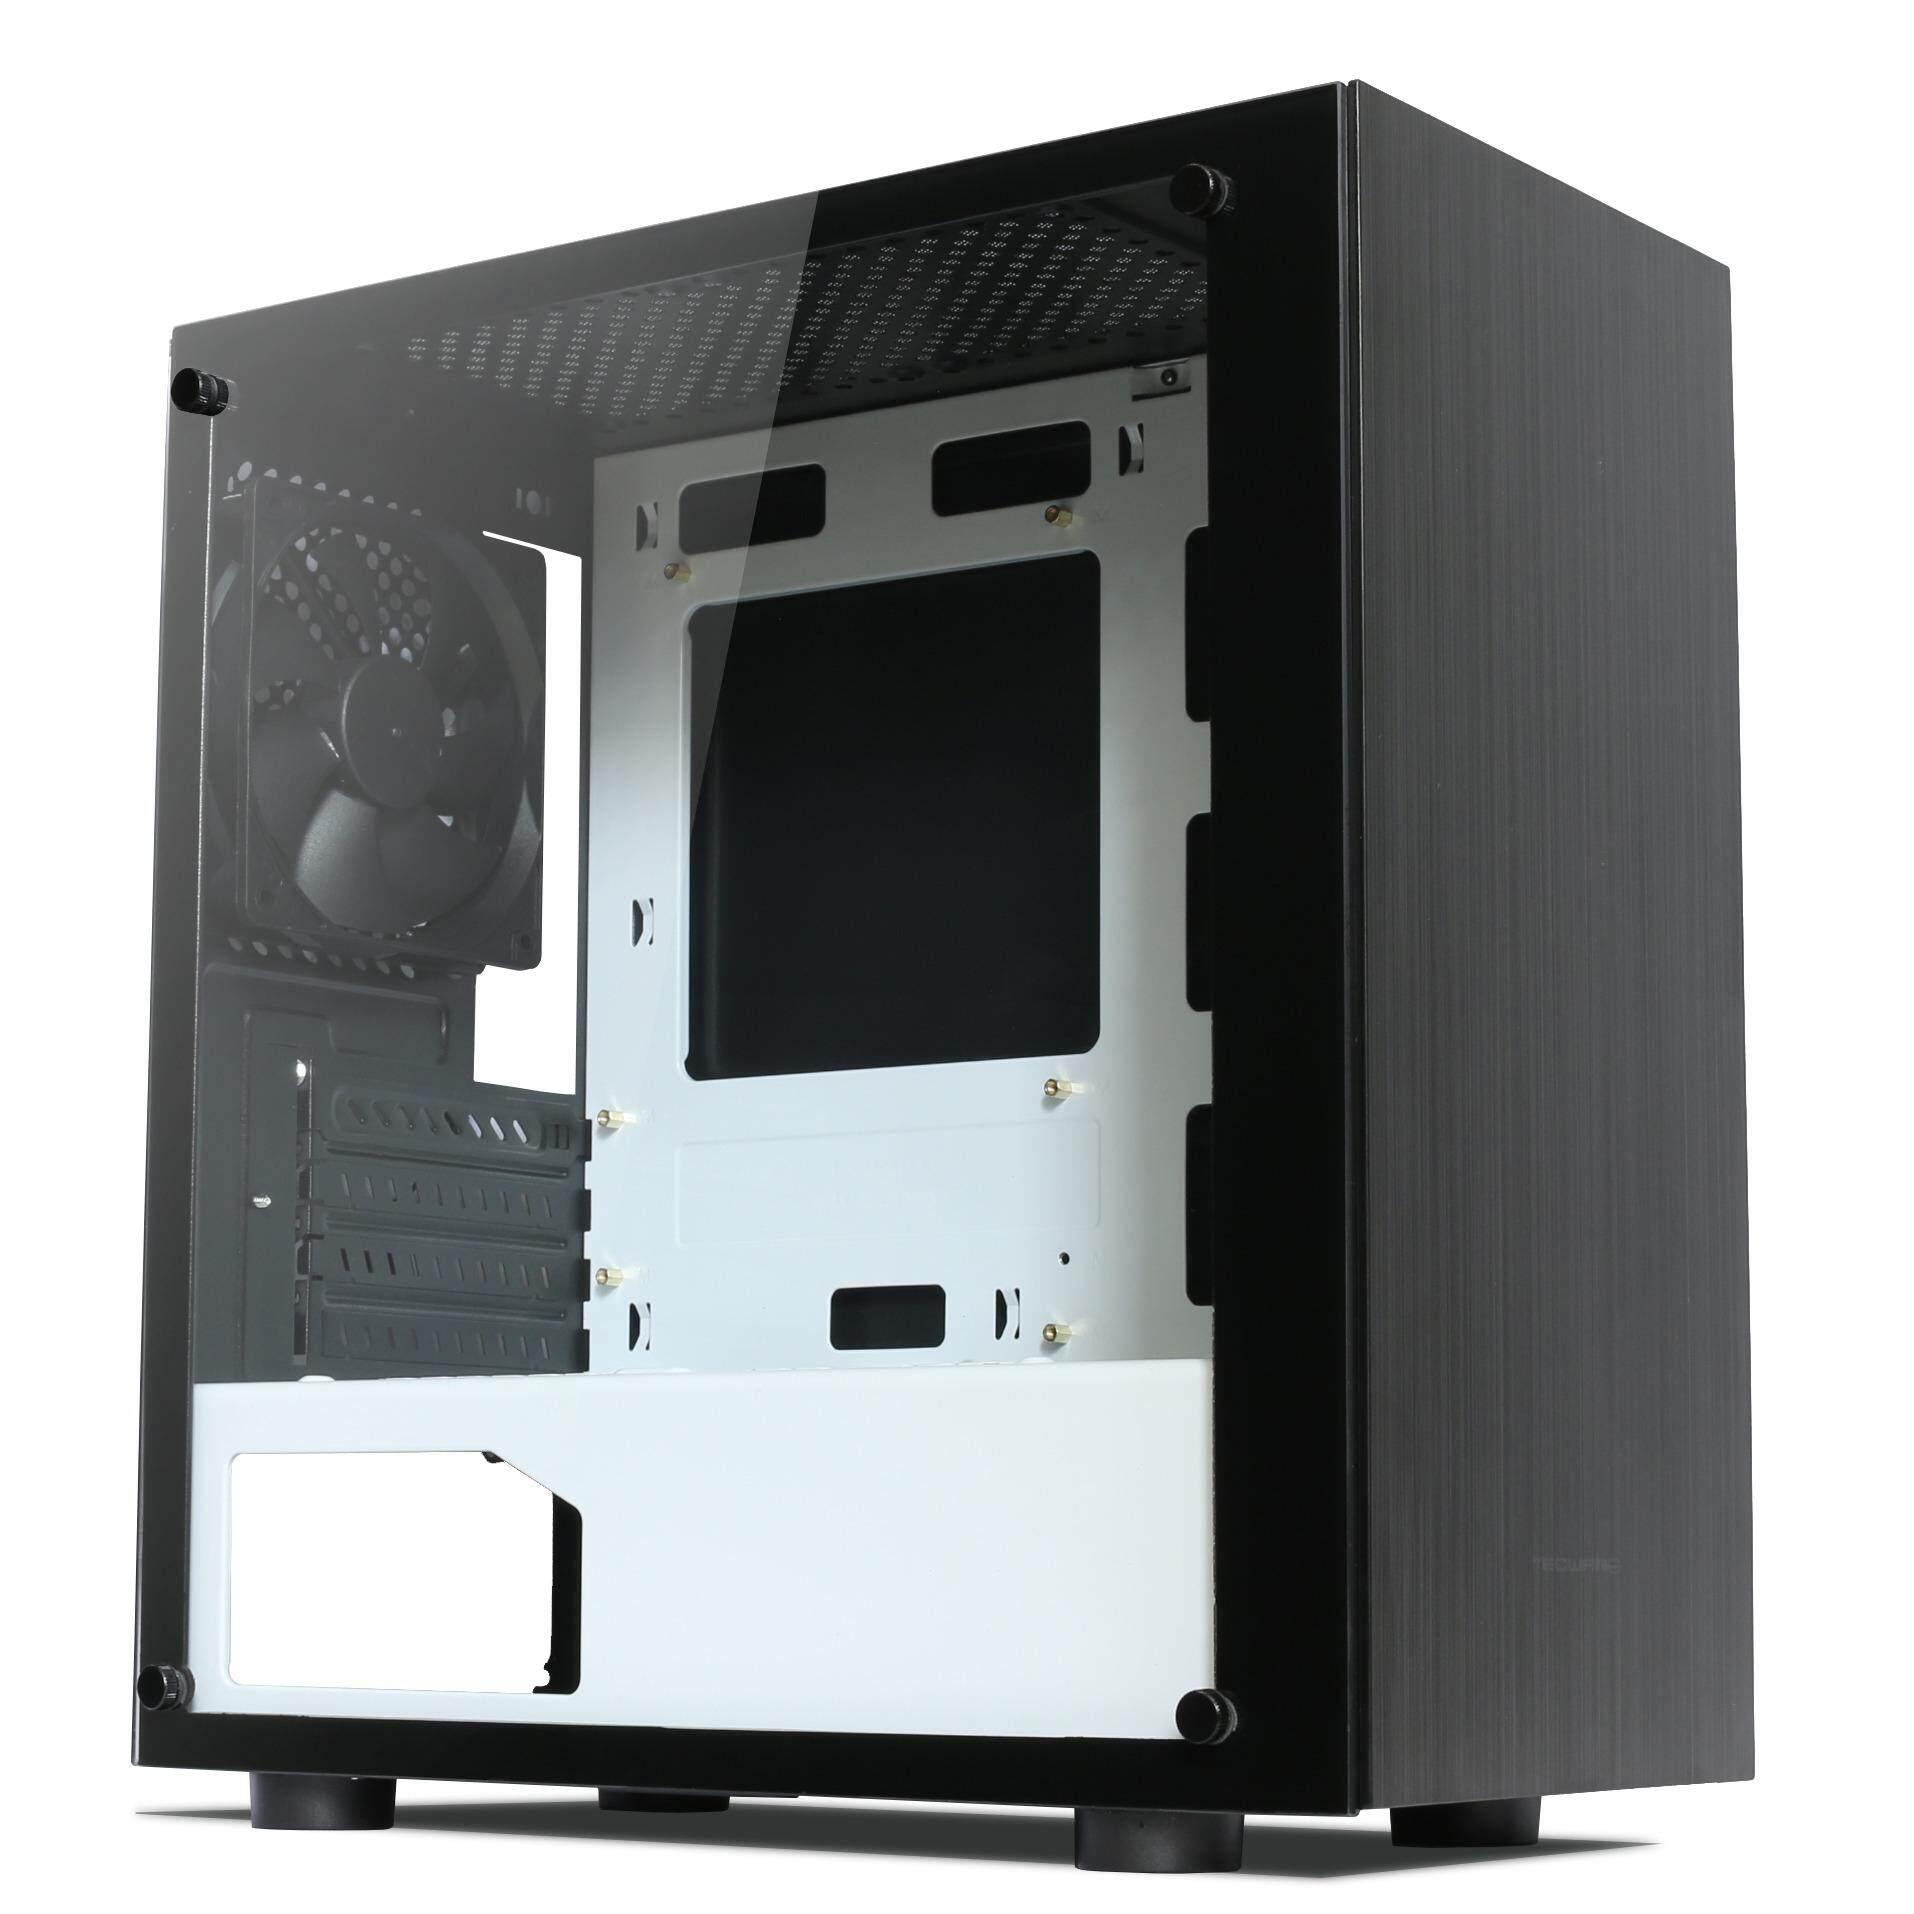 Desktop Casings - Buy Desktop Casings at Best Price in